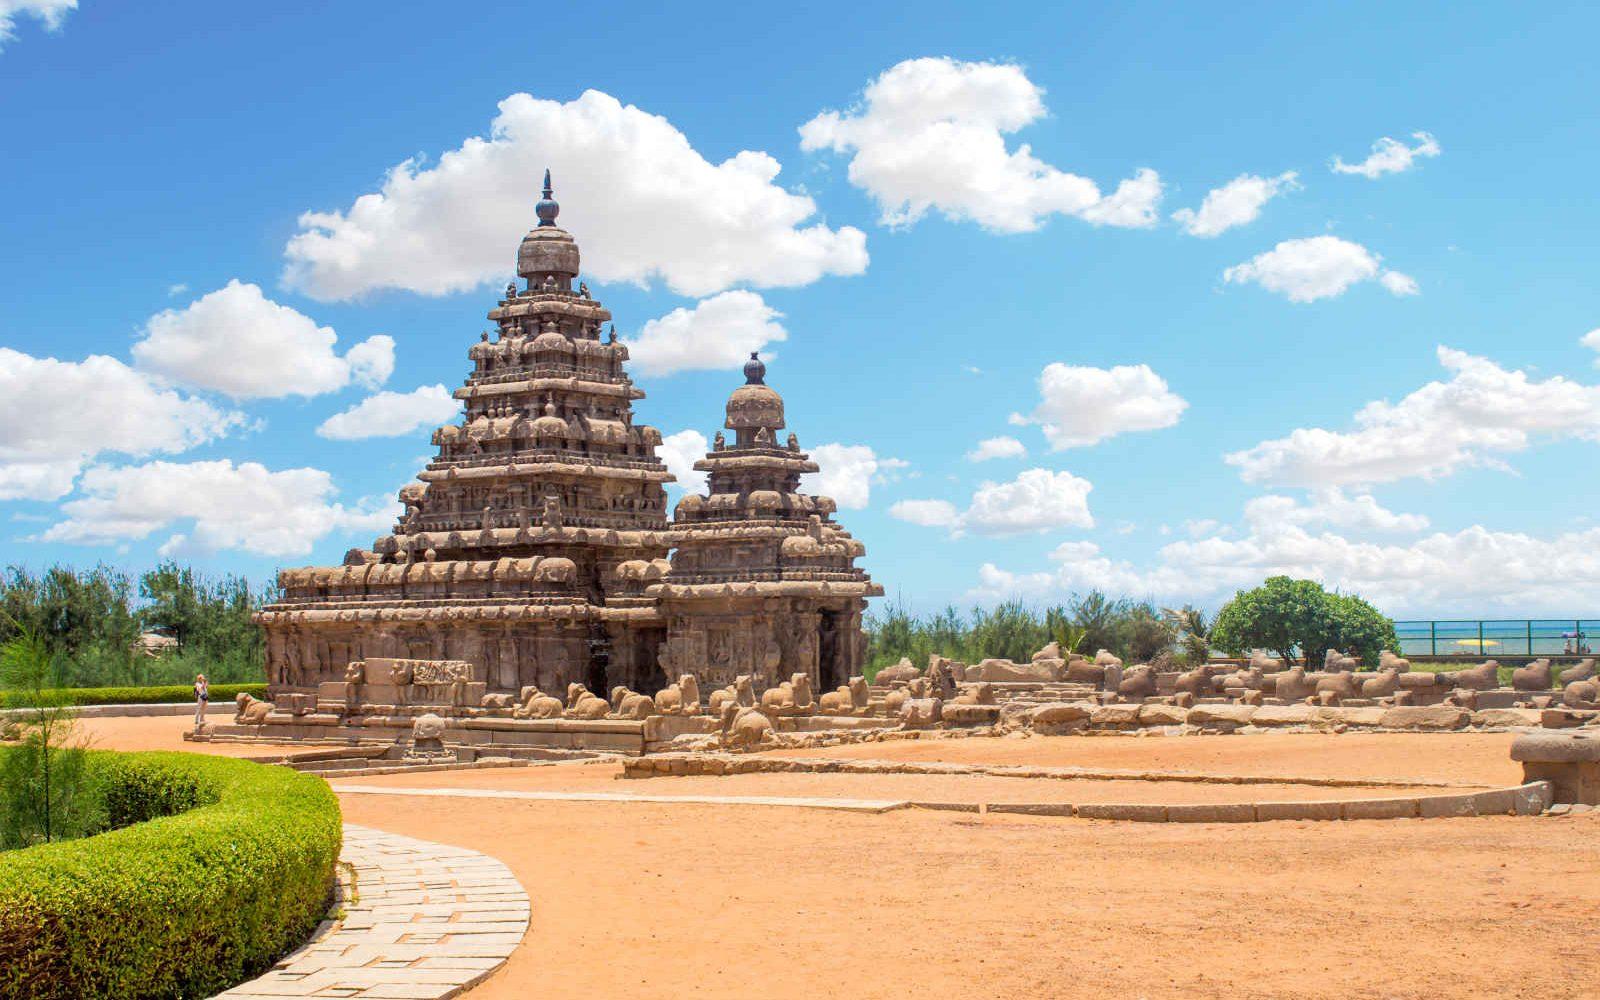 Temple sur la plage, Mahabalipuram, Inde